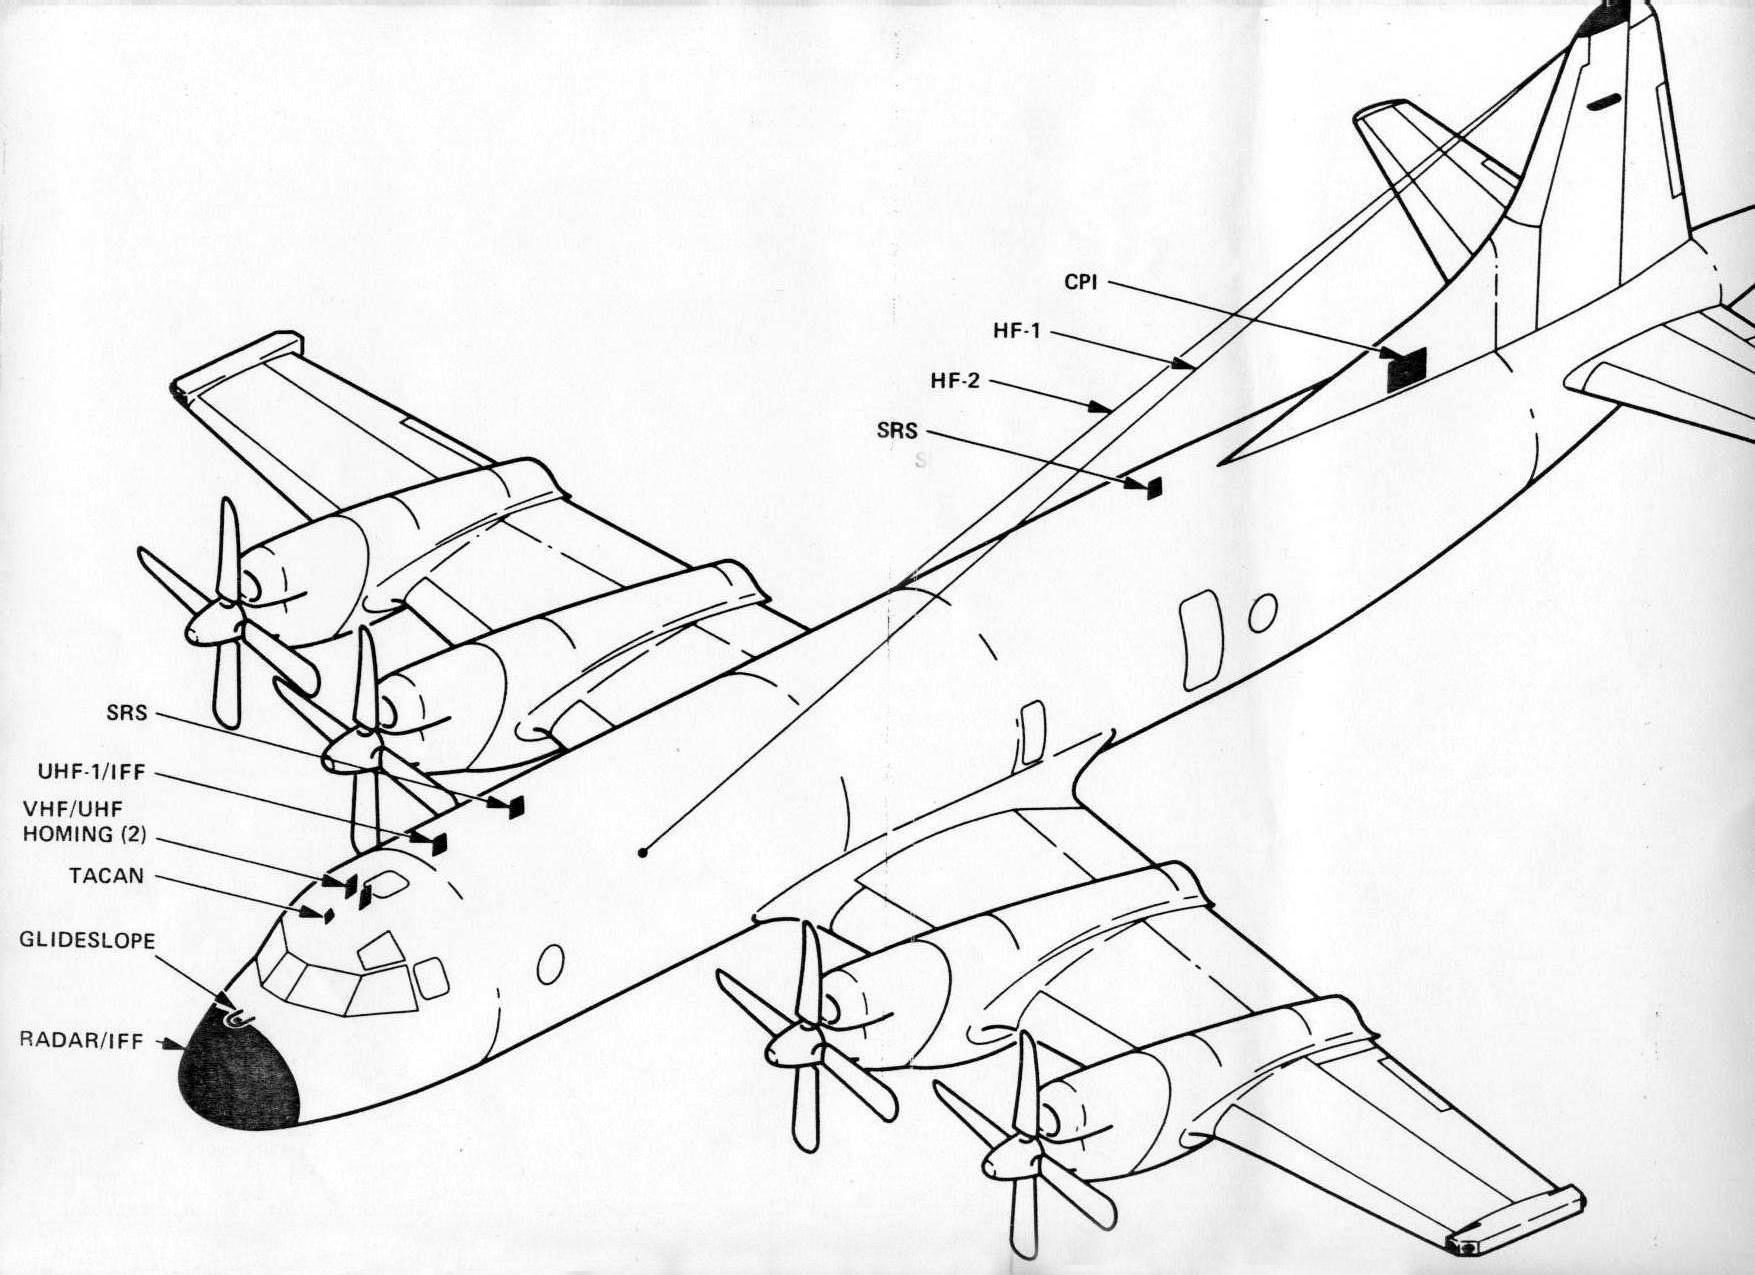 CP-140 Aurora